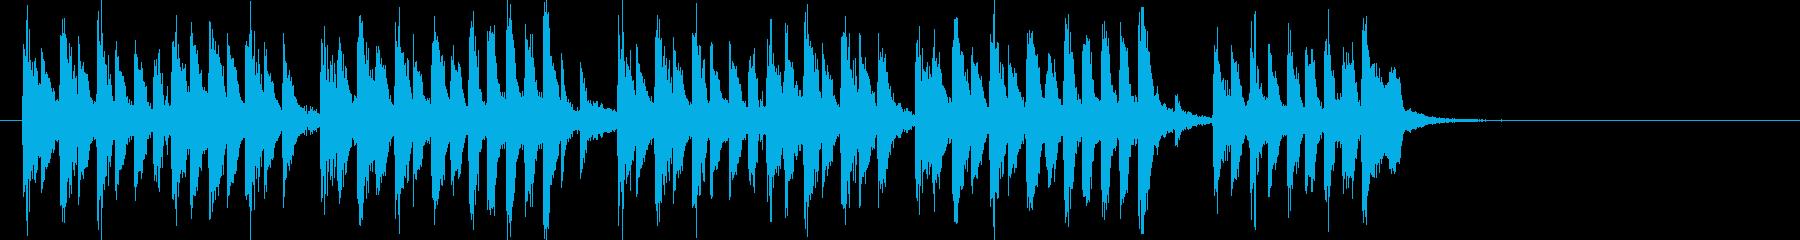 キッチュで可愛い印象のアップテンポの曲の再生済みの波形